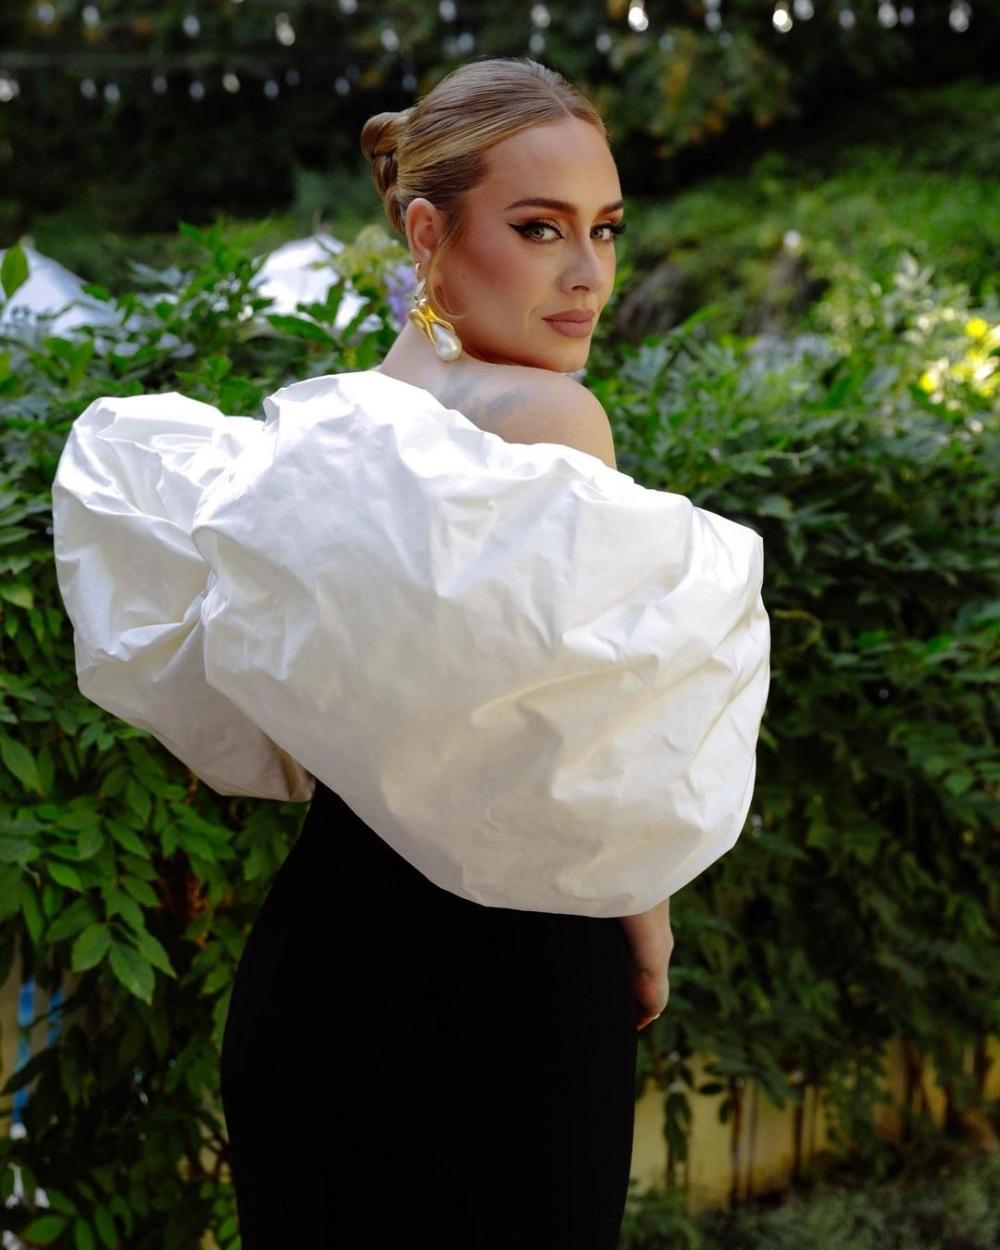 歌迷期待再次墜入愛河的Adele能有更多靈感,為大家帶來全新音樂作品。